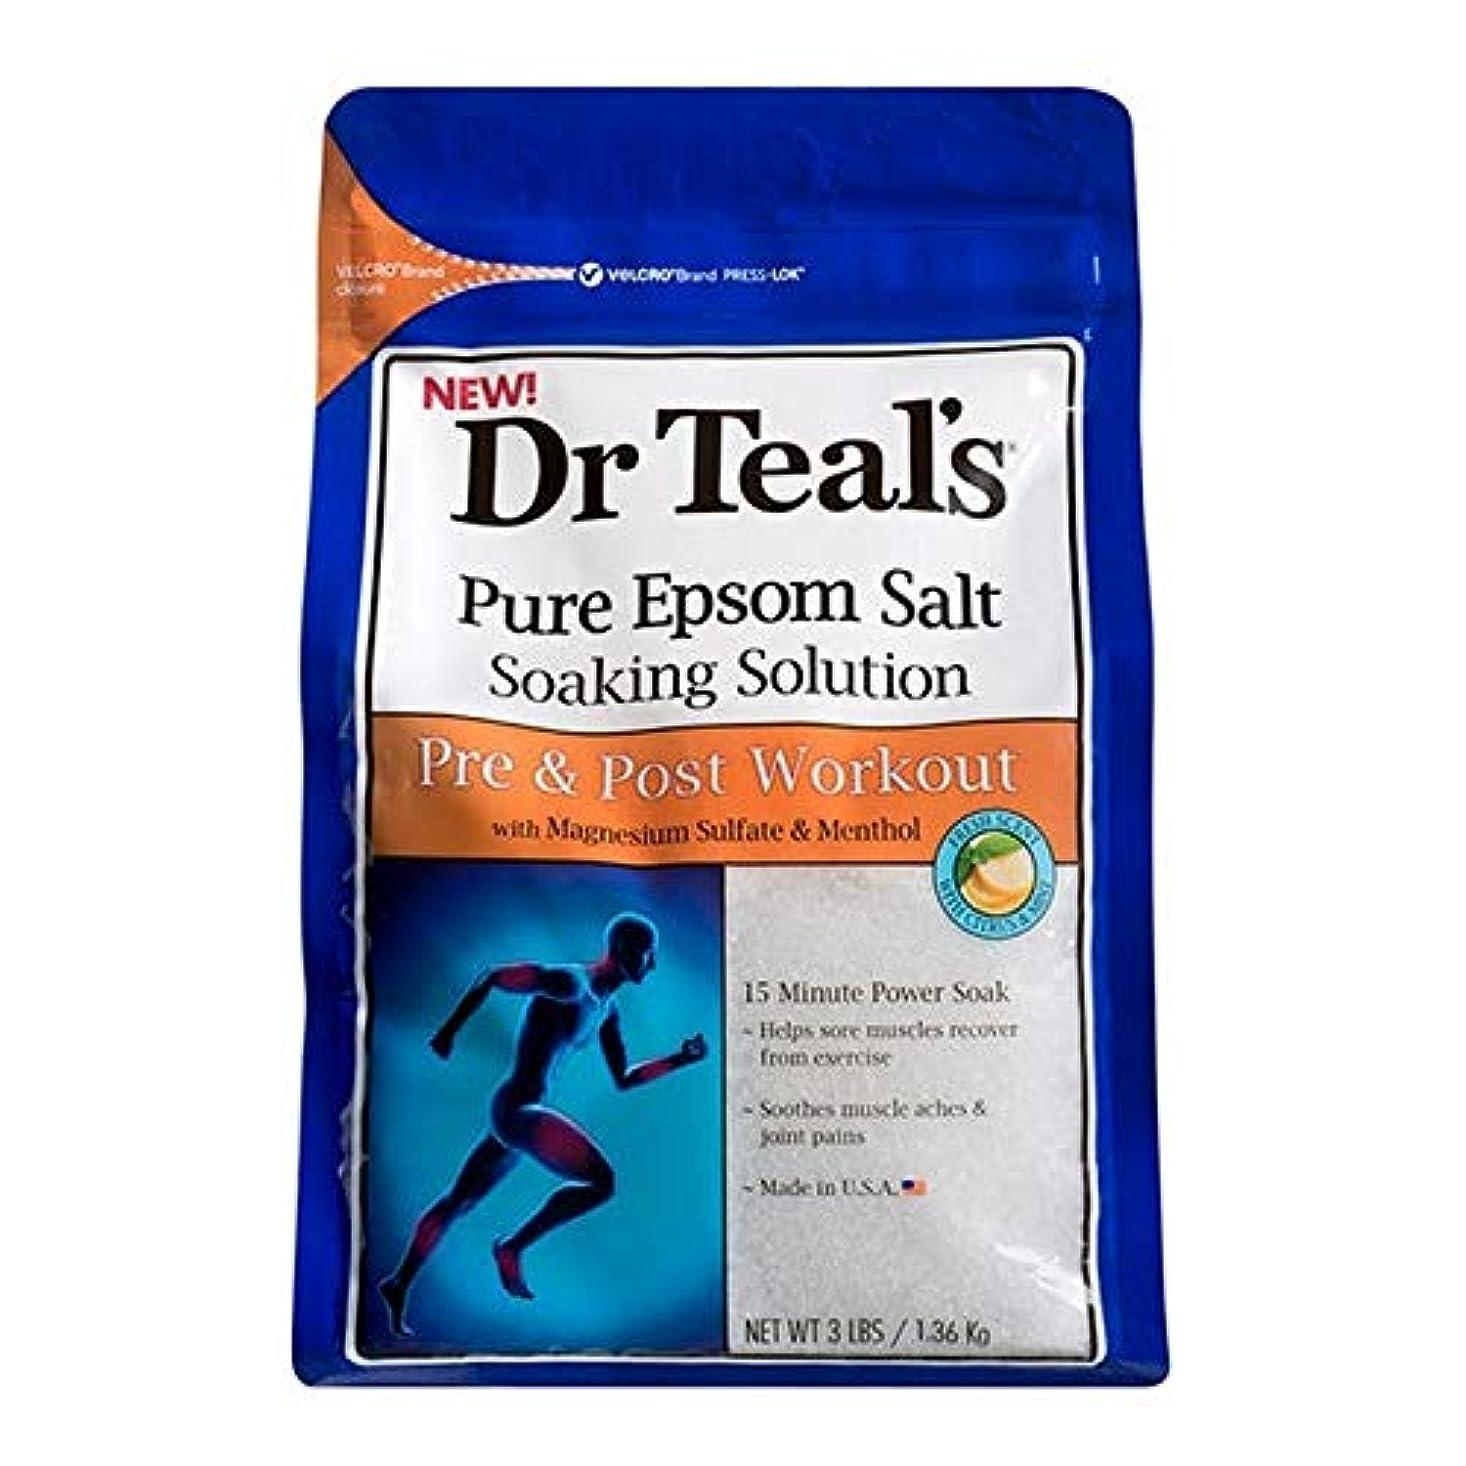 知覚できる女将イベント[Dr Teals] Drのティールの均熱Bathsalt前N個のポストワークアウト1.36キロ - Dr Teal's Soaking Bathsalt Pre N Post Workout 1.36 kg [並行輸入品]